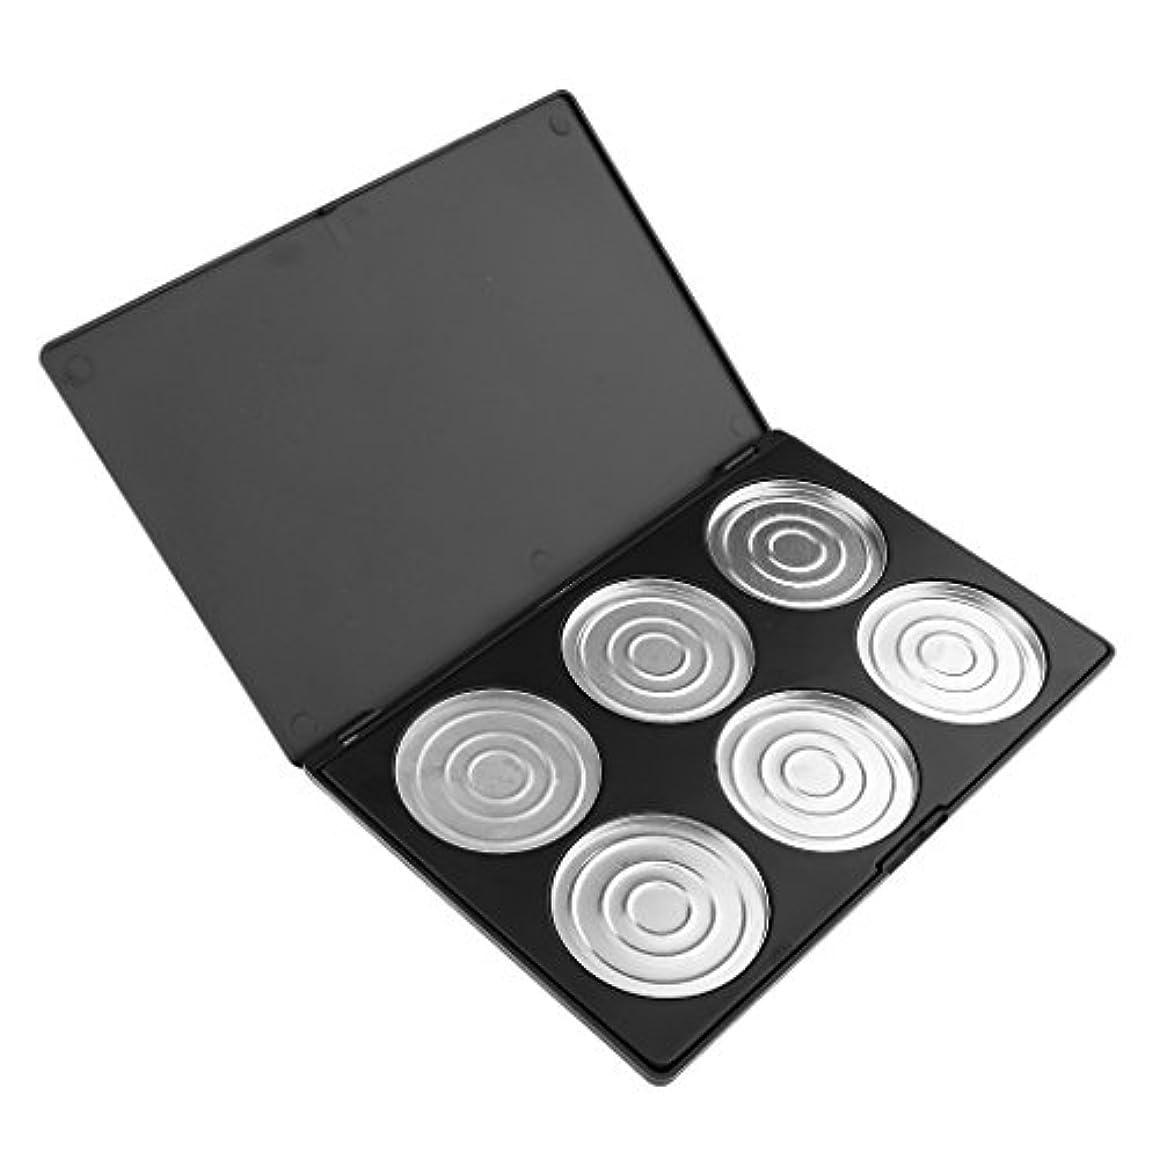 帰するトランジスタスケルトンT TOOYFUL 12グリッド メイク 空 アイシャドーブラッシャー リップグロス パレット 化粧品 全2種類 - 6色収納ケース